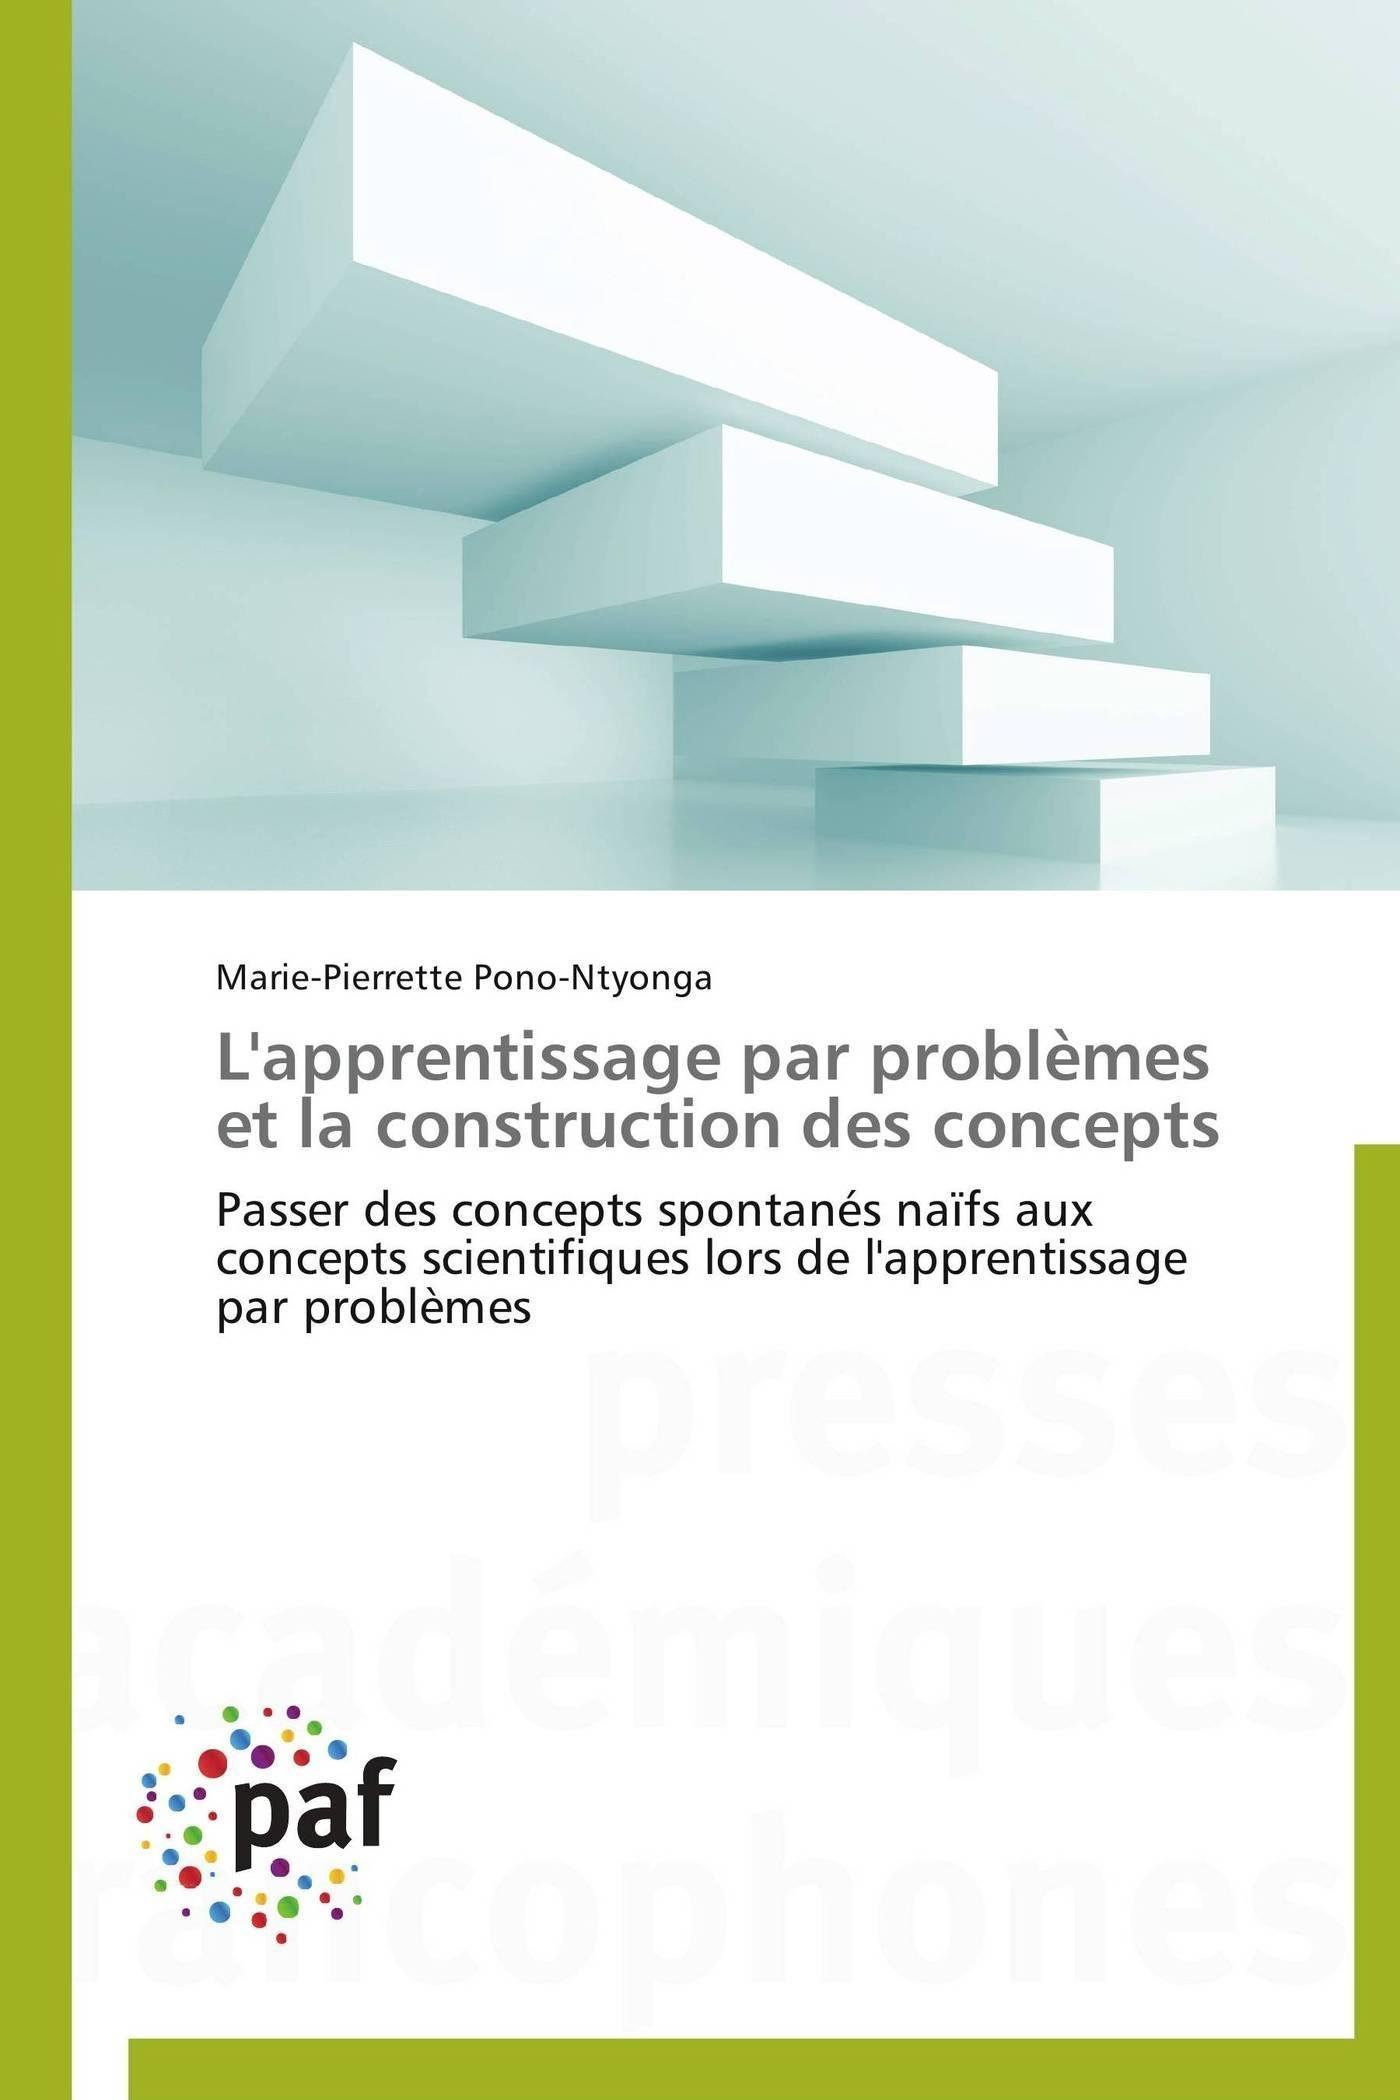 L'APPRENTISSAGE PAR PROBLEMES ET LA CONSTRUCTION DES CONCEPTS